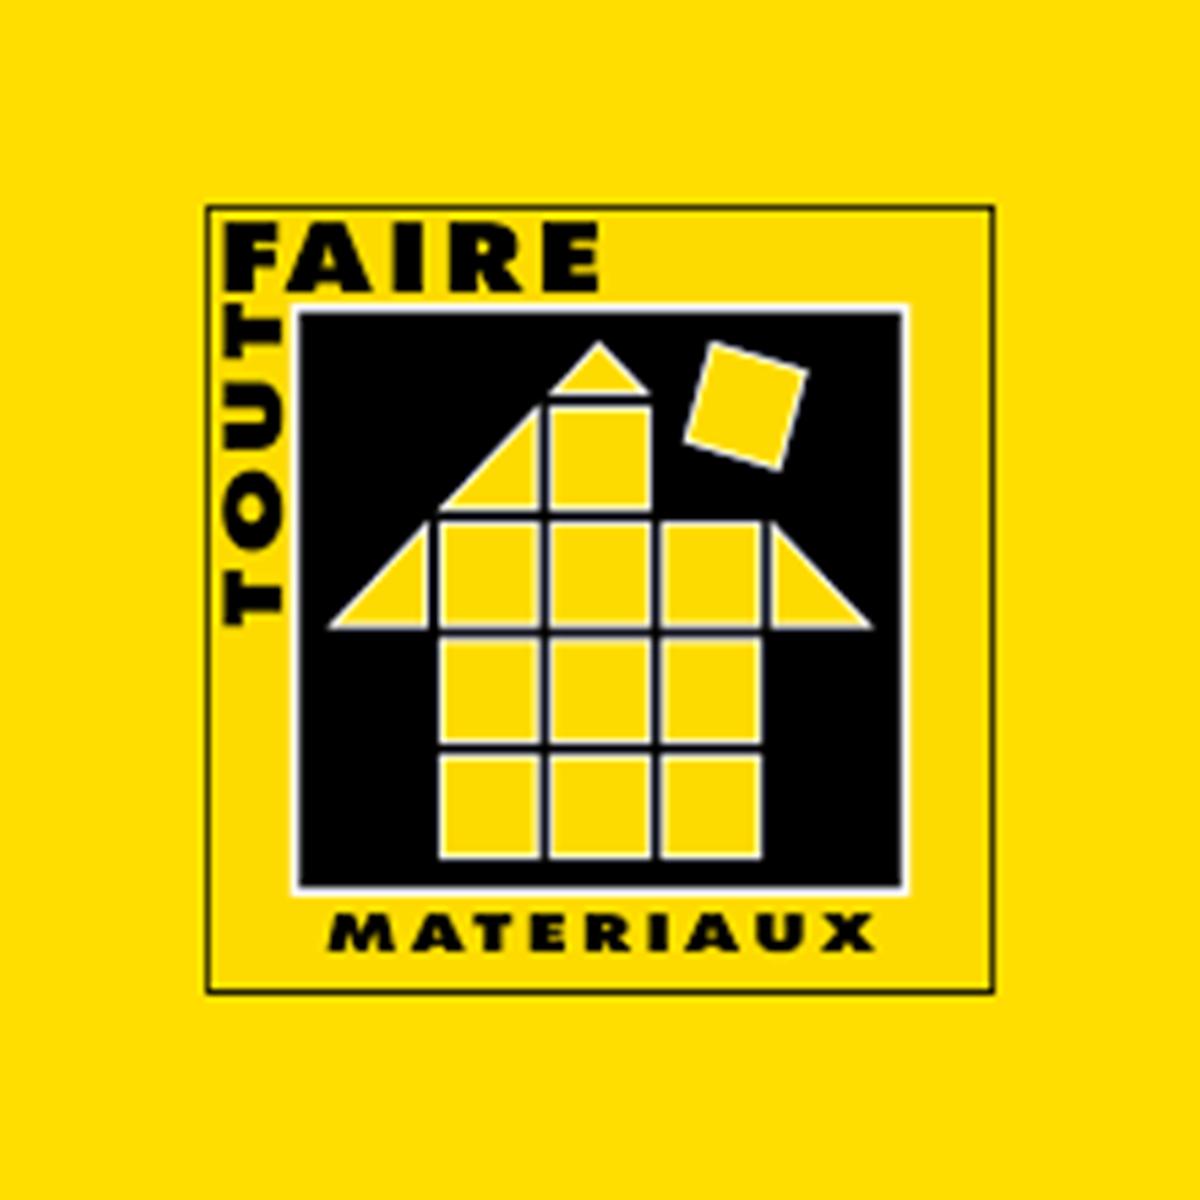 SA TOUT FAIRE MATERIAUX GIRARD